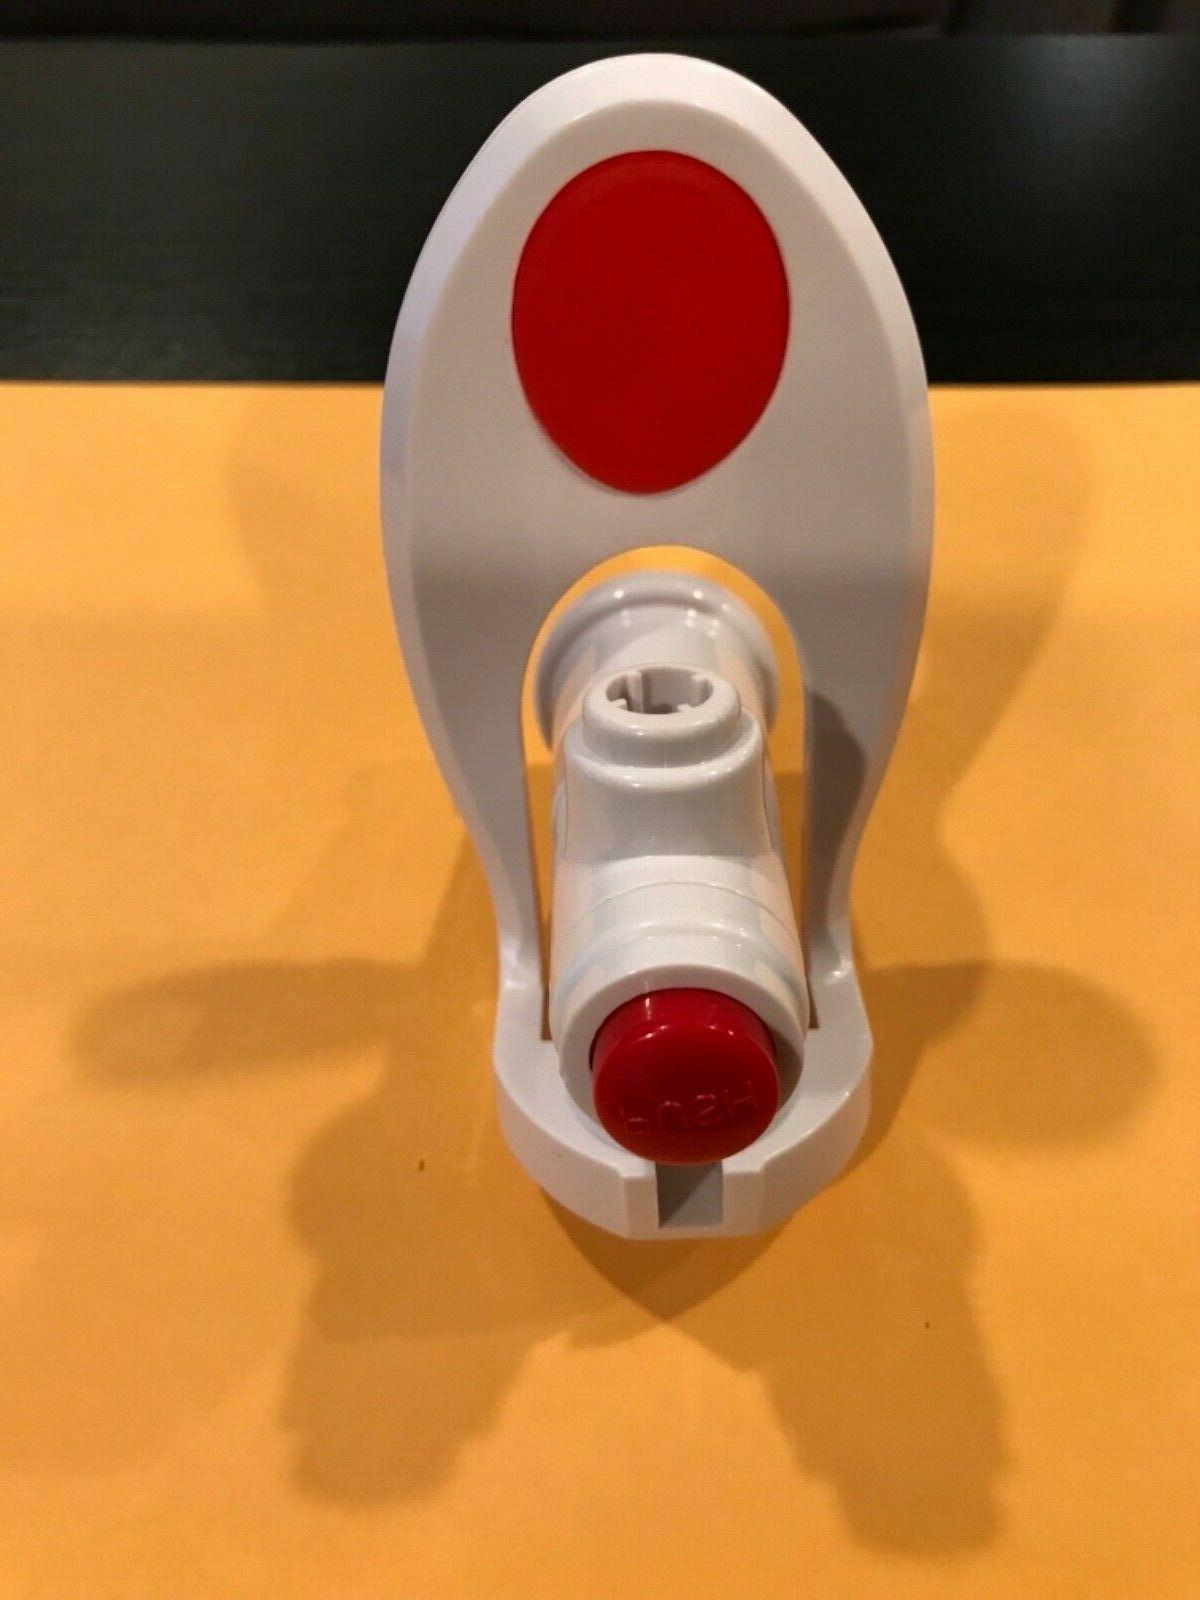 new water cooler hot water valve dispenser